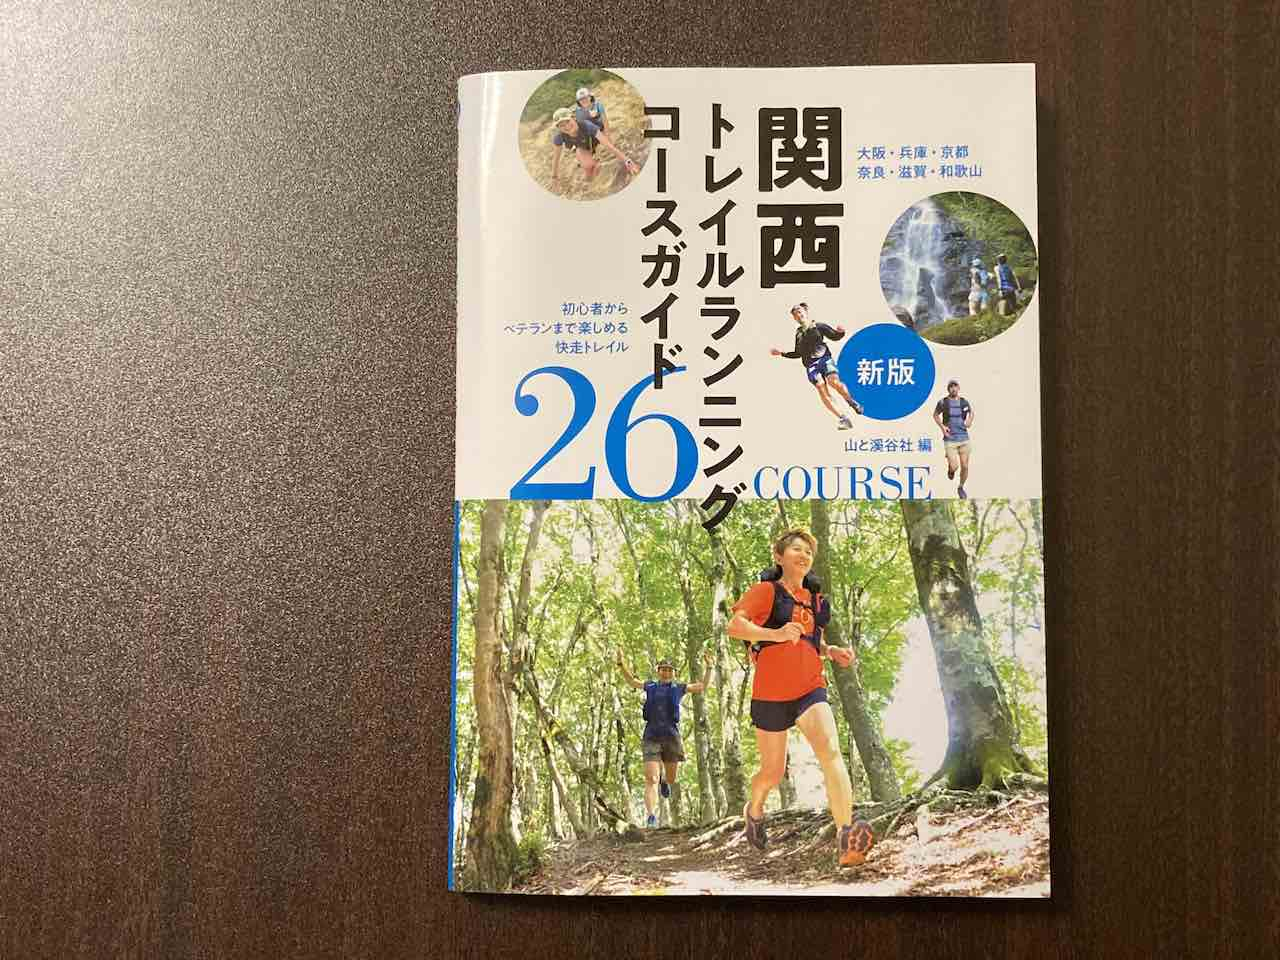 新版 関西トレイルランニングコースガイド 山と渓谷社